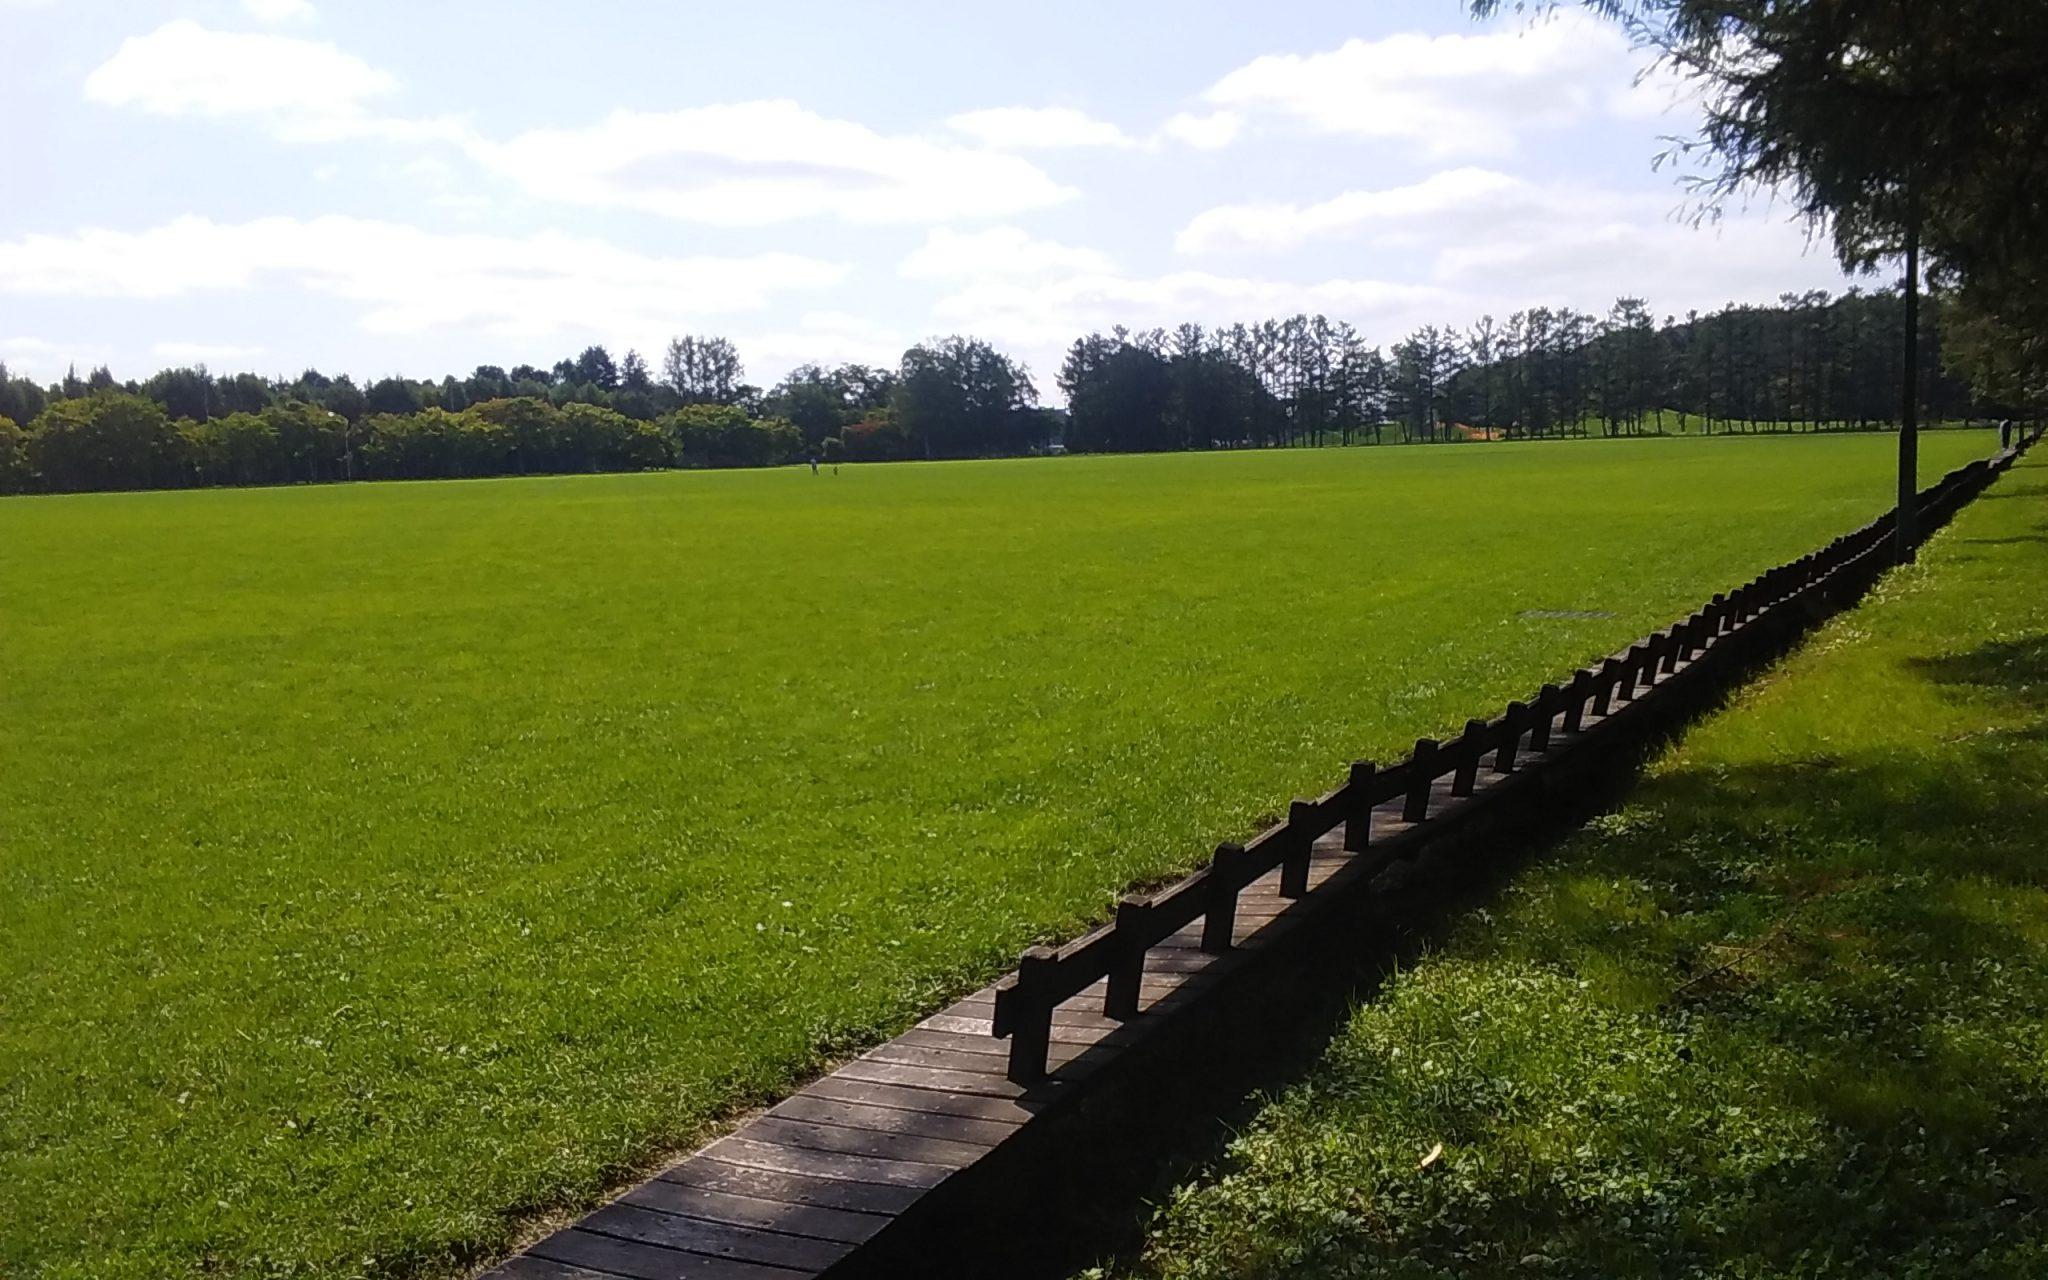 公園内にある芝生エリア、グリーンパーク